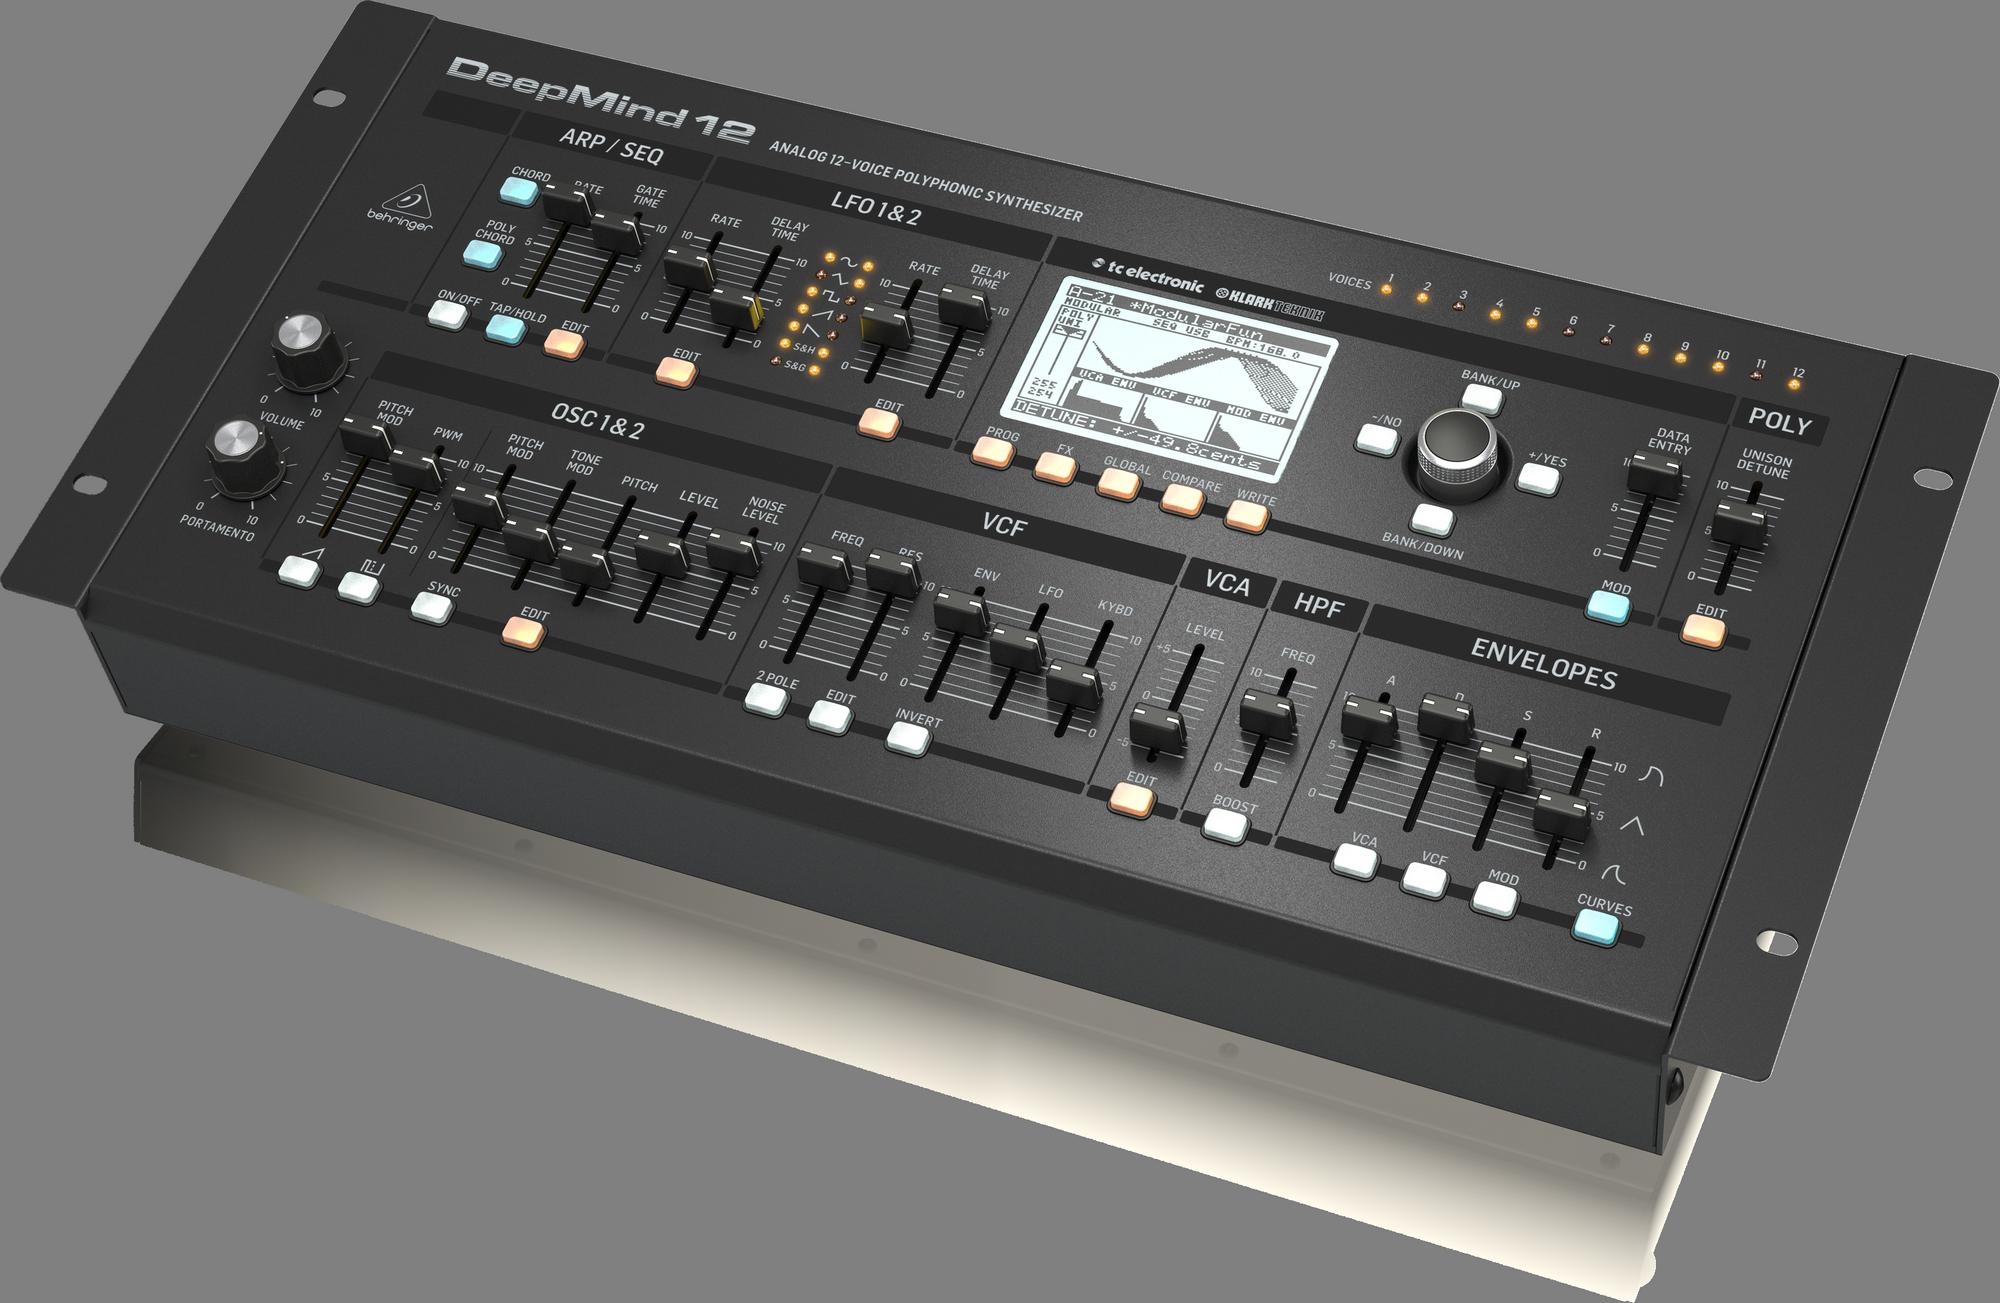 Behringer DeepMind 12D - Analoge synthesizer